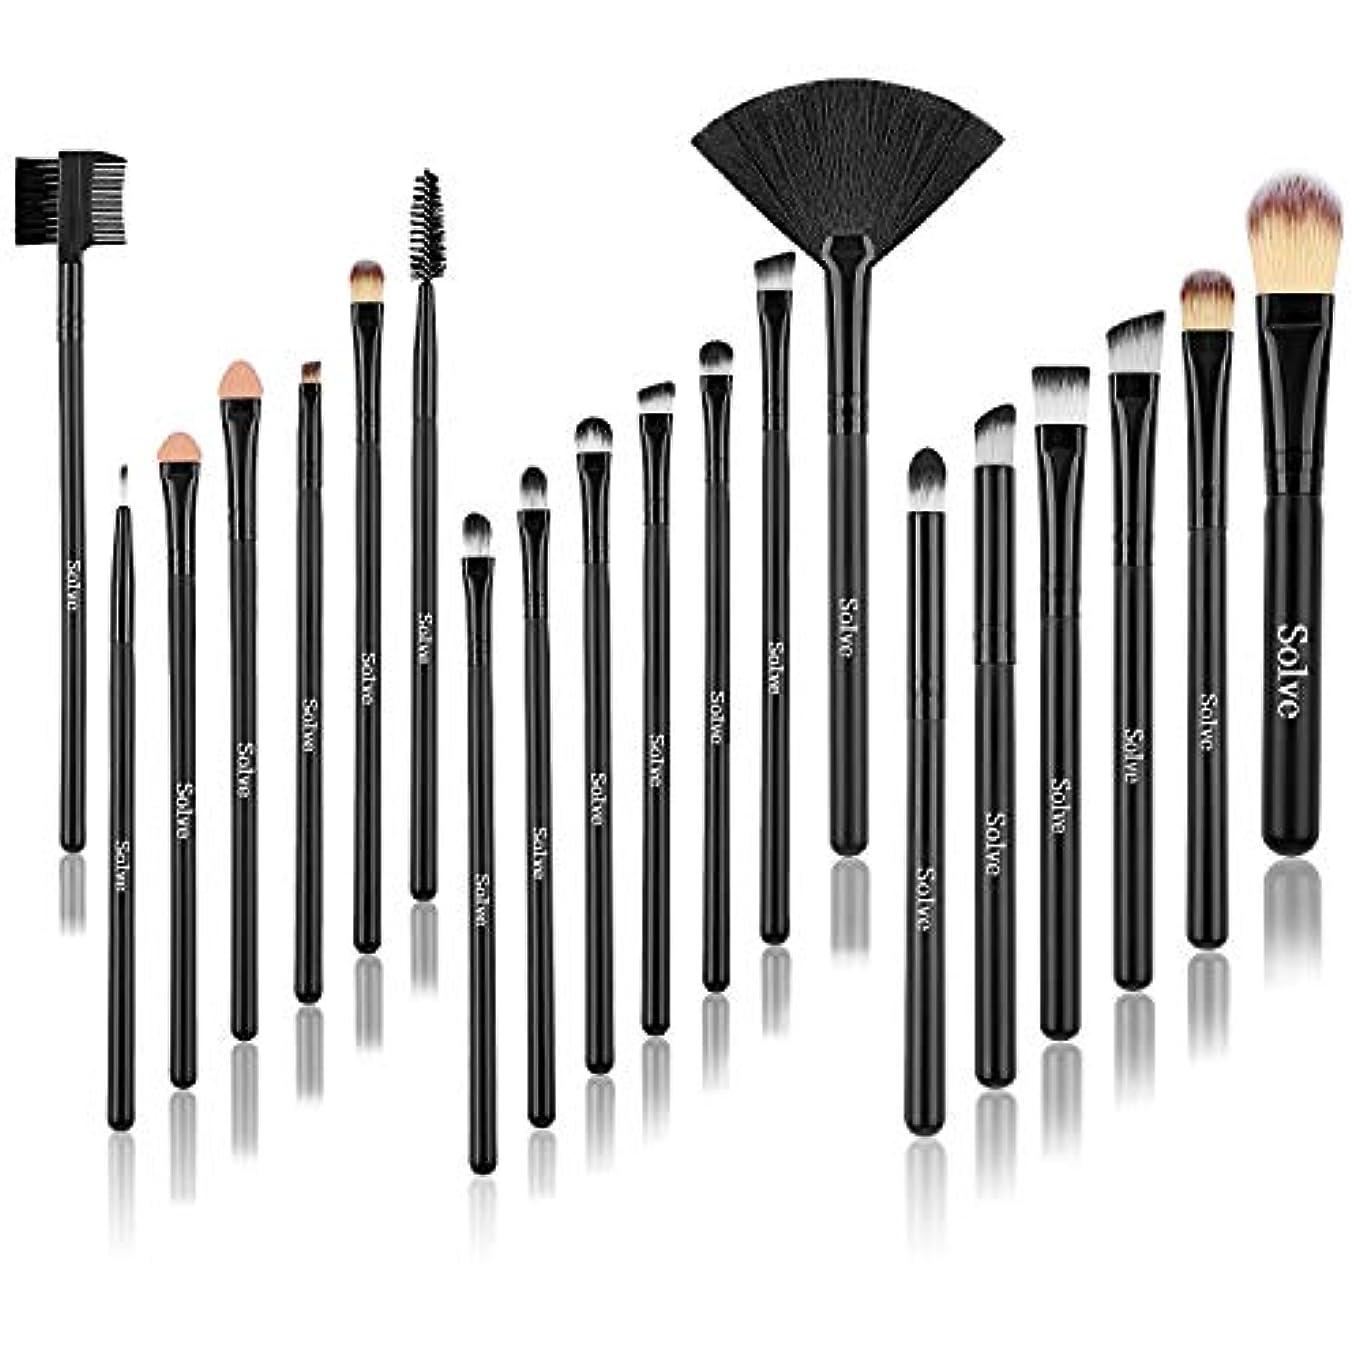 SOLVE メイクブラシ20本セット 毛質ふわふわ 化粧筆 アイシャドウブラシ 化粧ブラシセット 黒